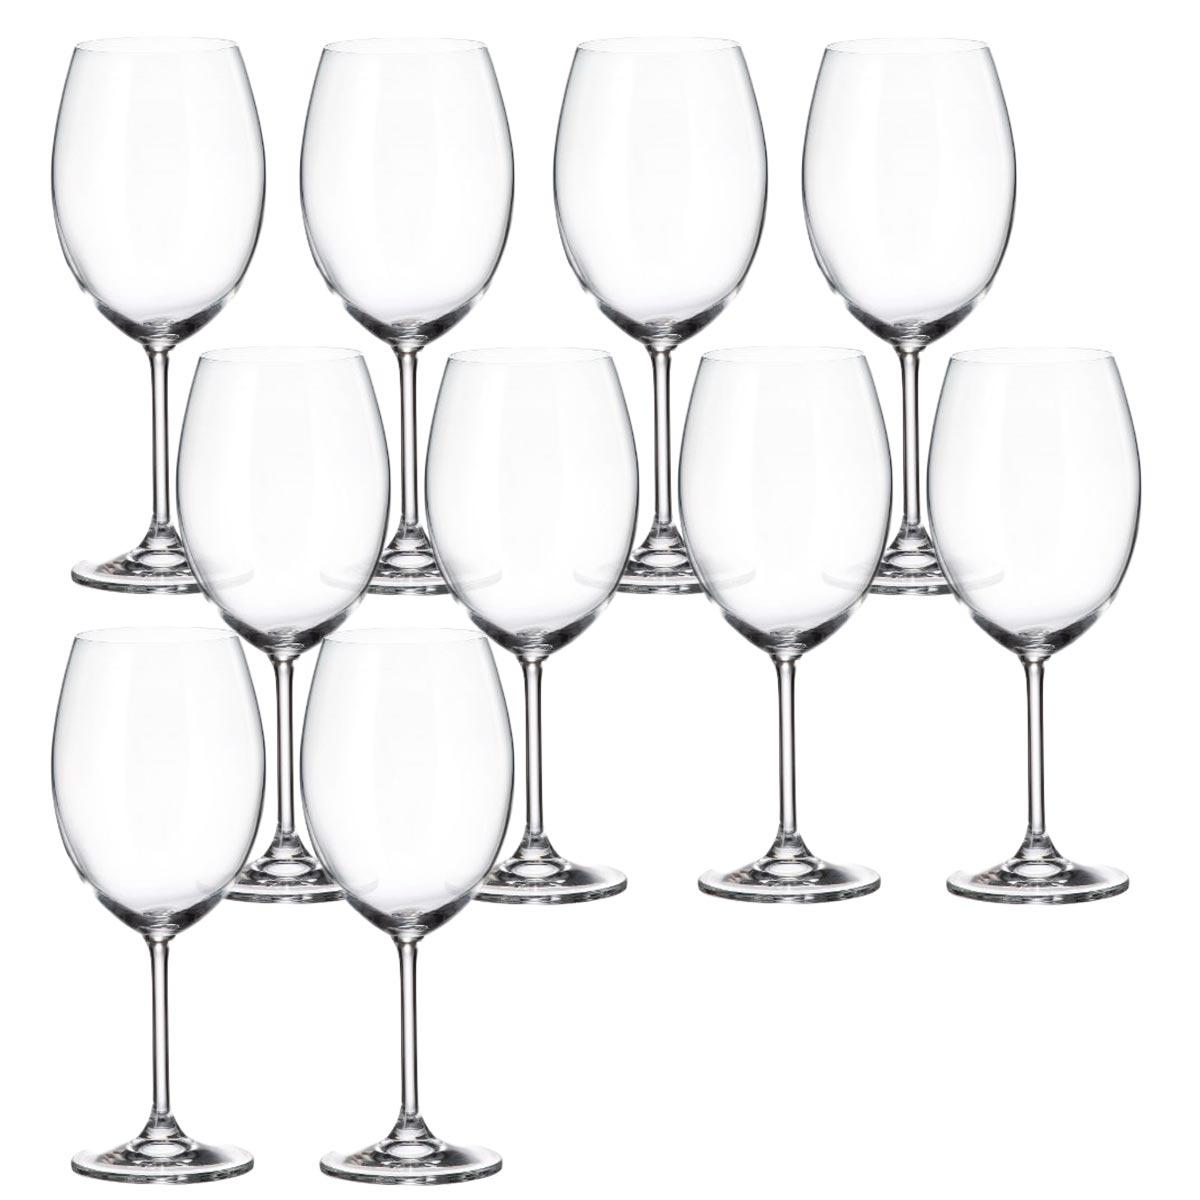 Jogo 10 Taça para Degustação de Vinho Cristal Ecológico 580 ml  - Lemis